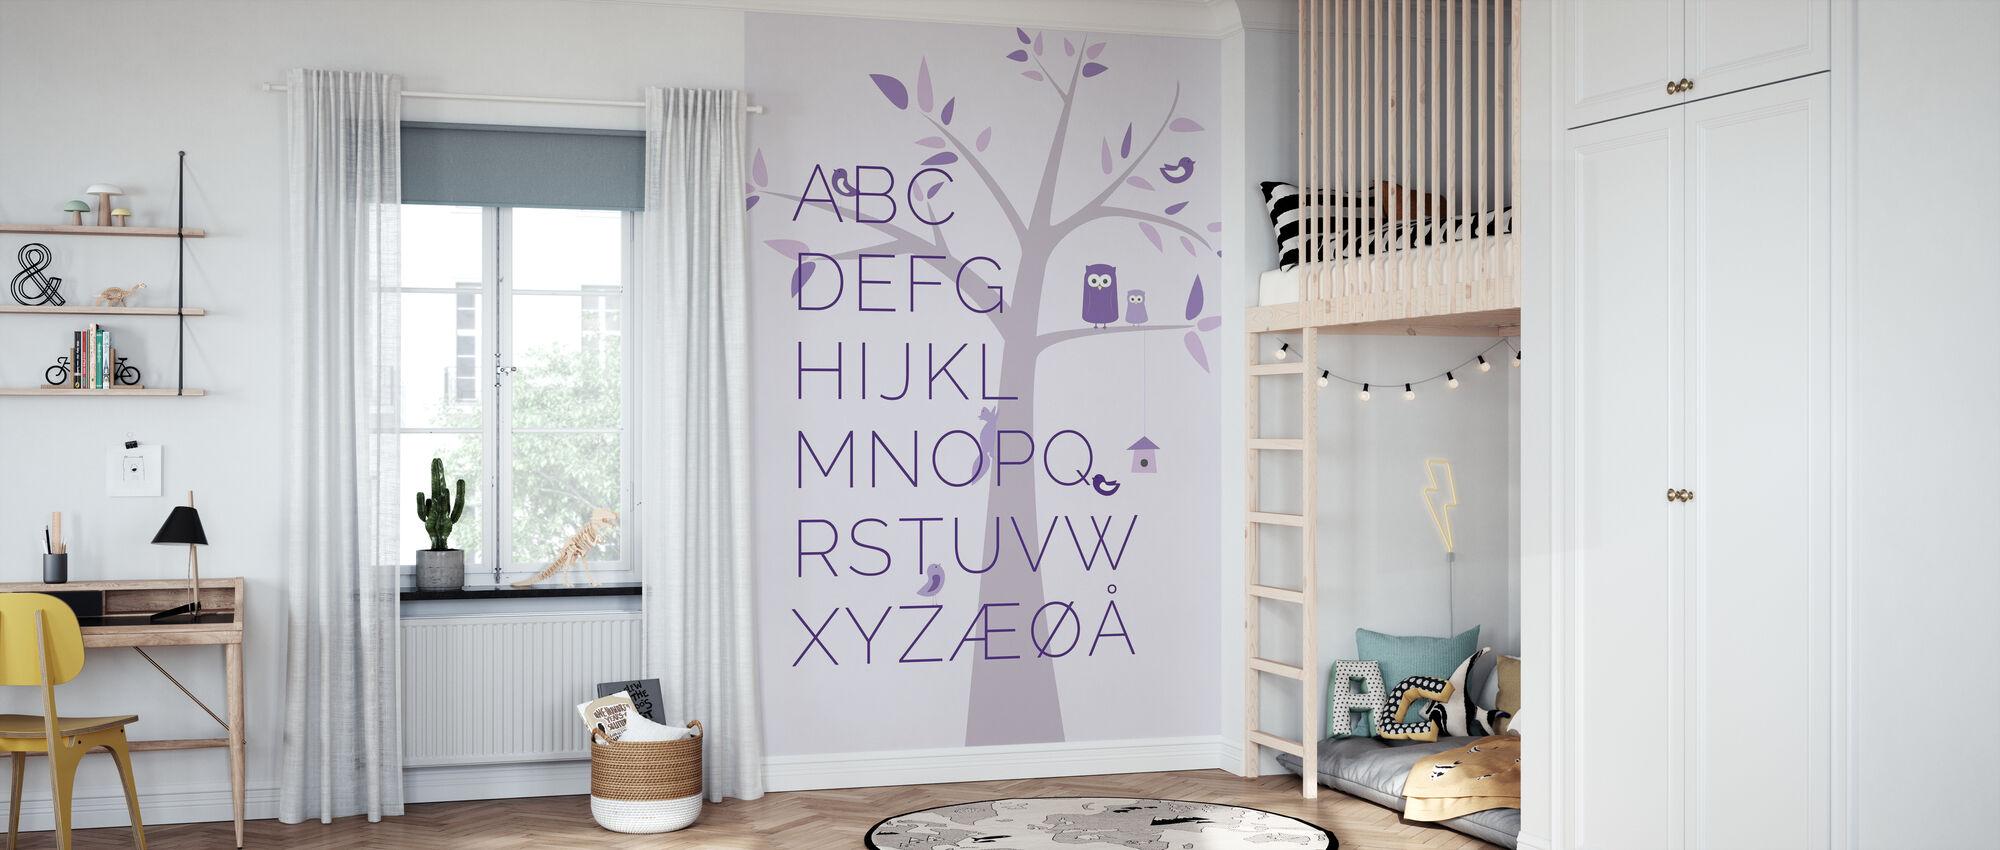 ABC Treet - NO - Lilla - Tapet - Barnerom